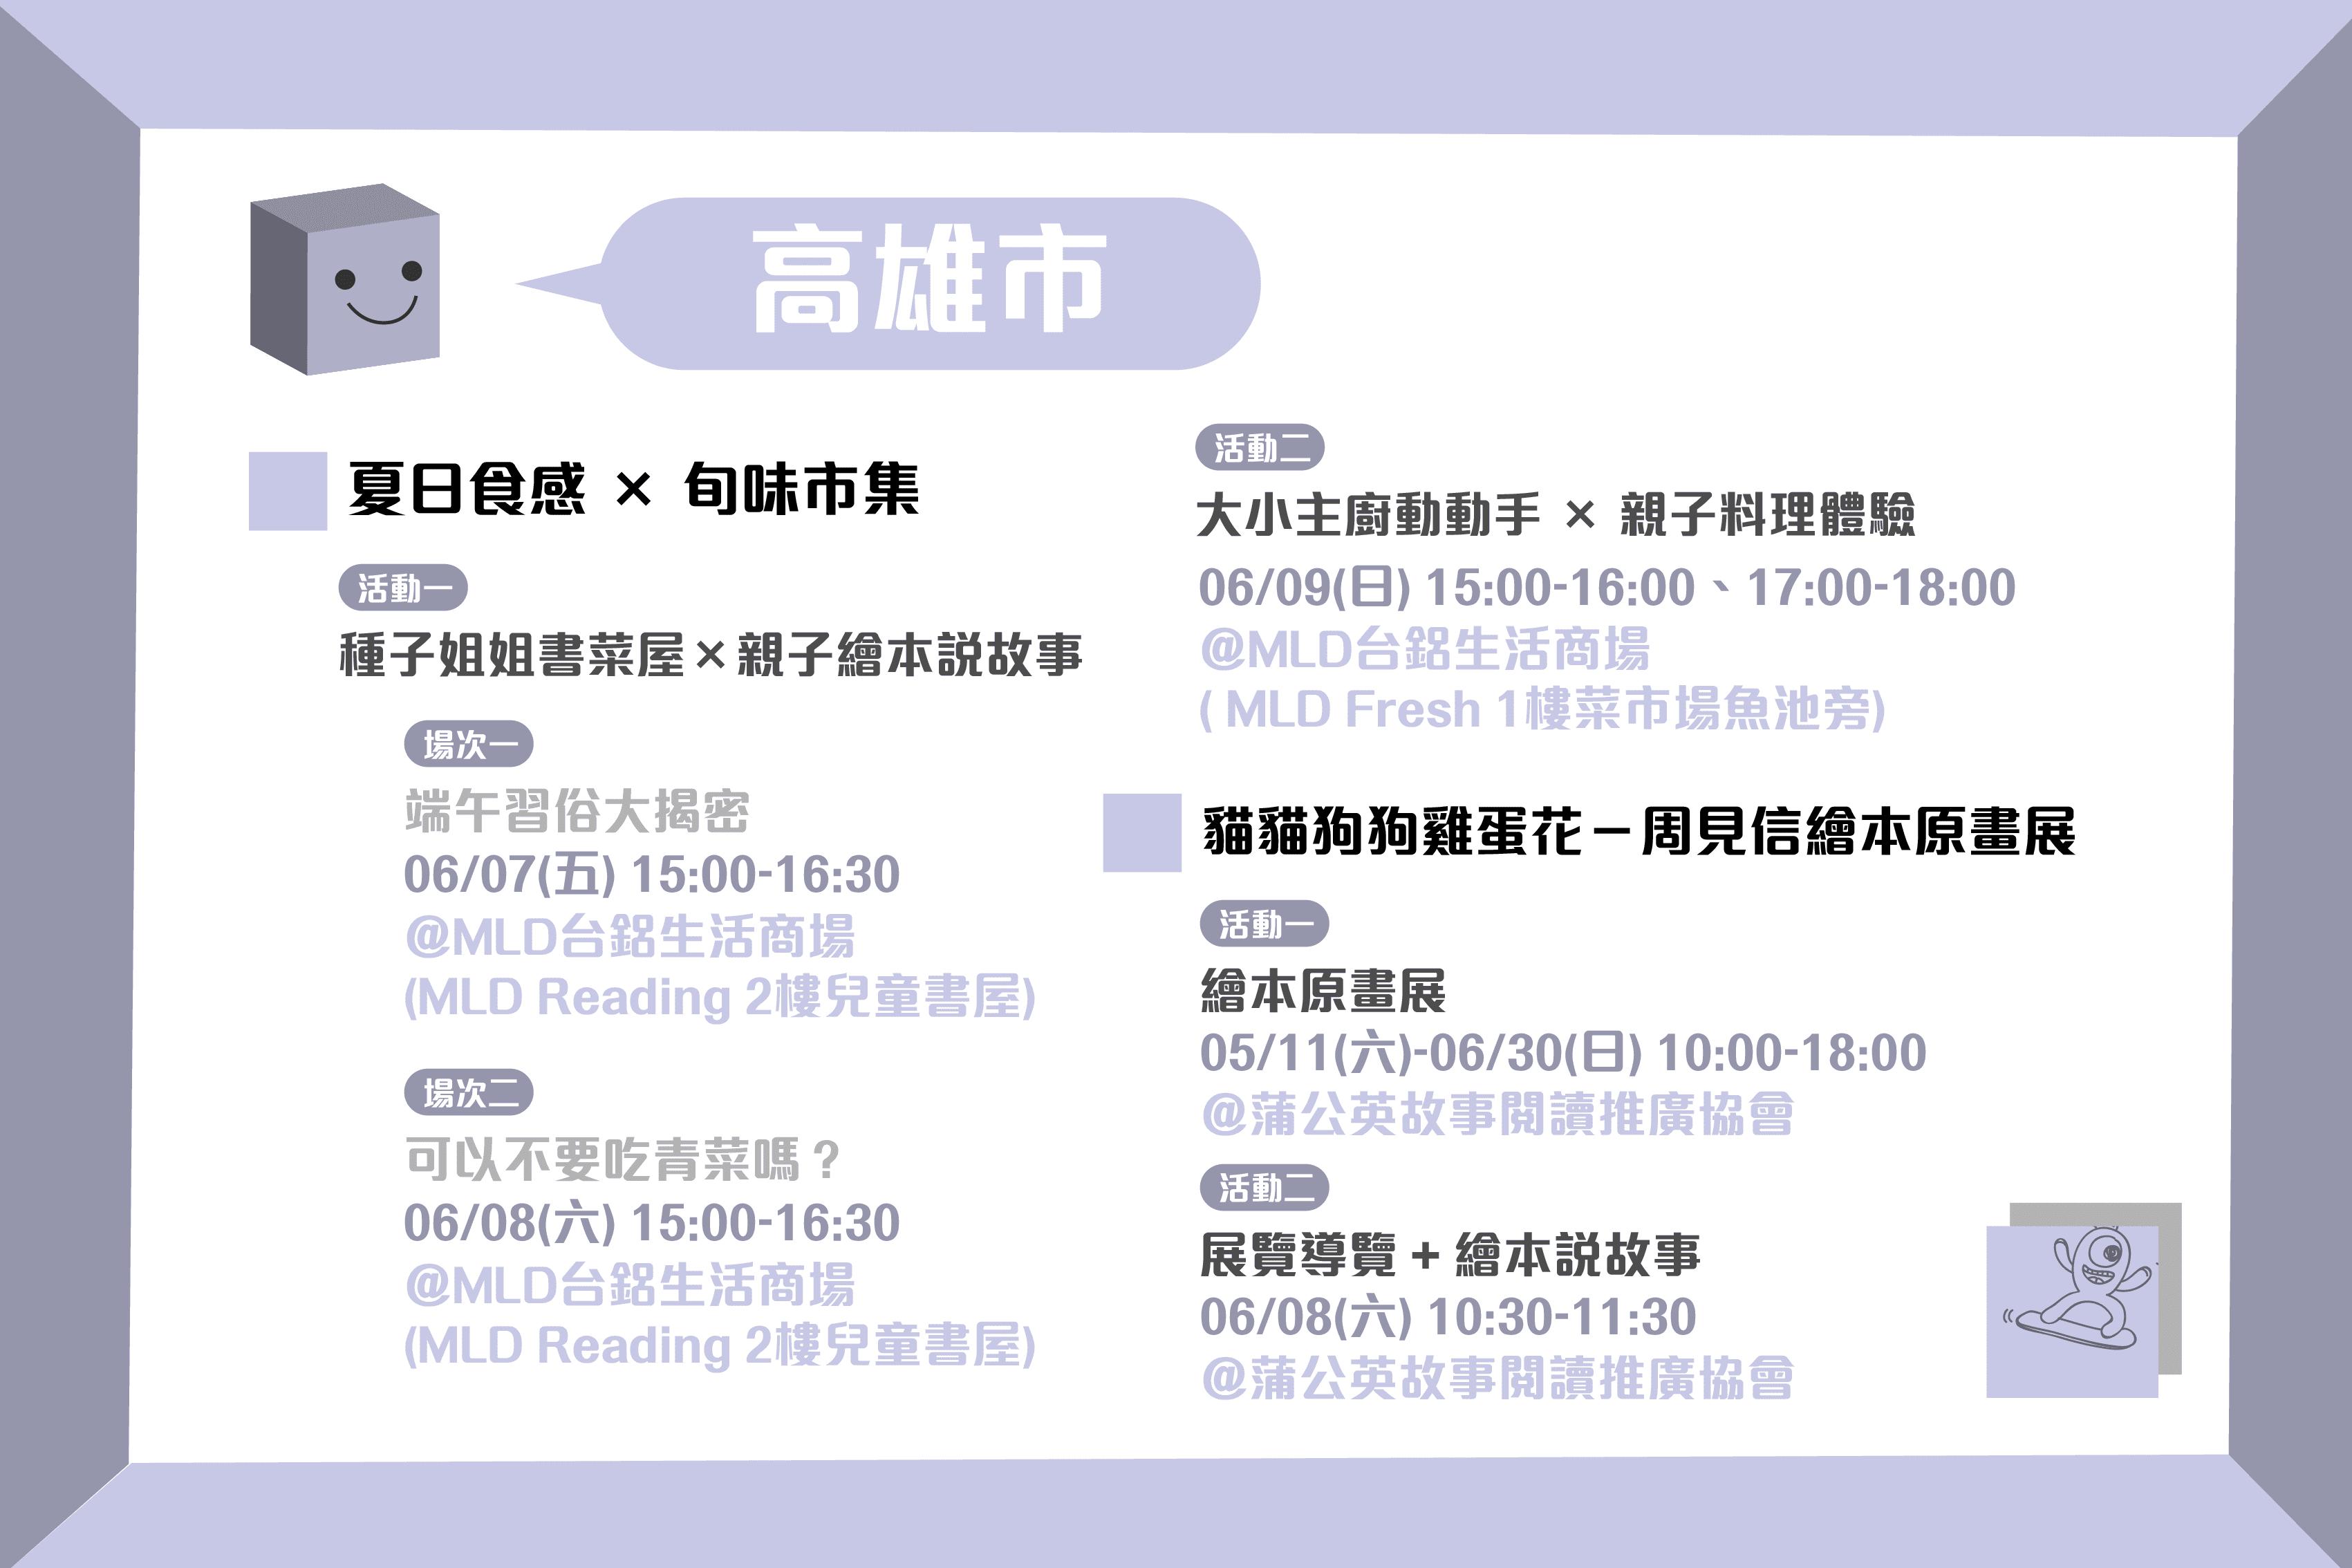 2019年6月說故事活動懶人包-高雄